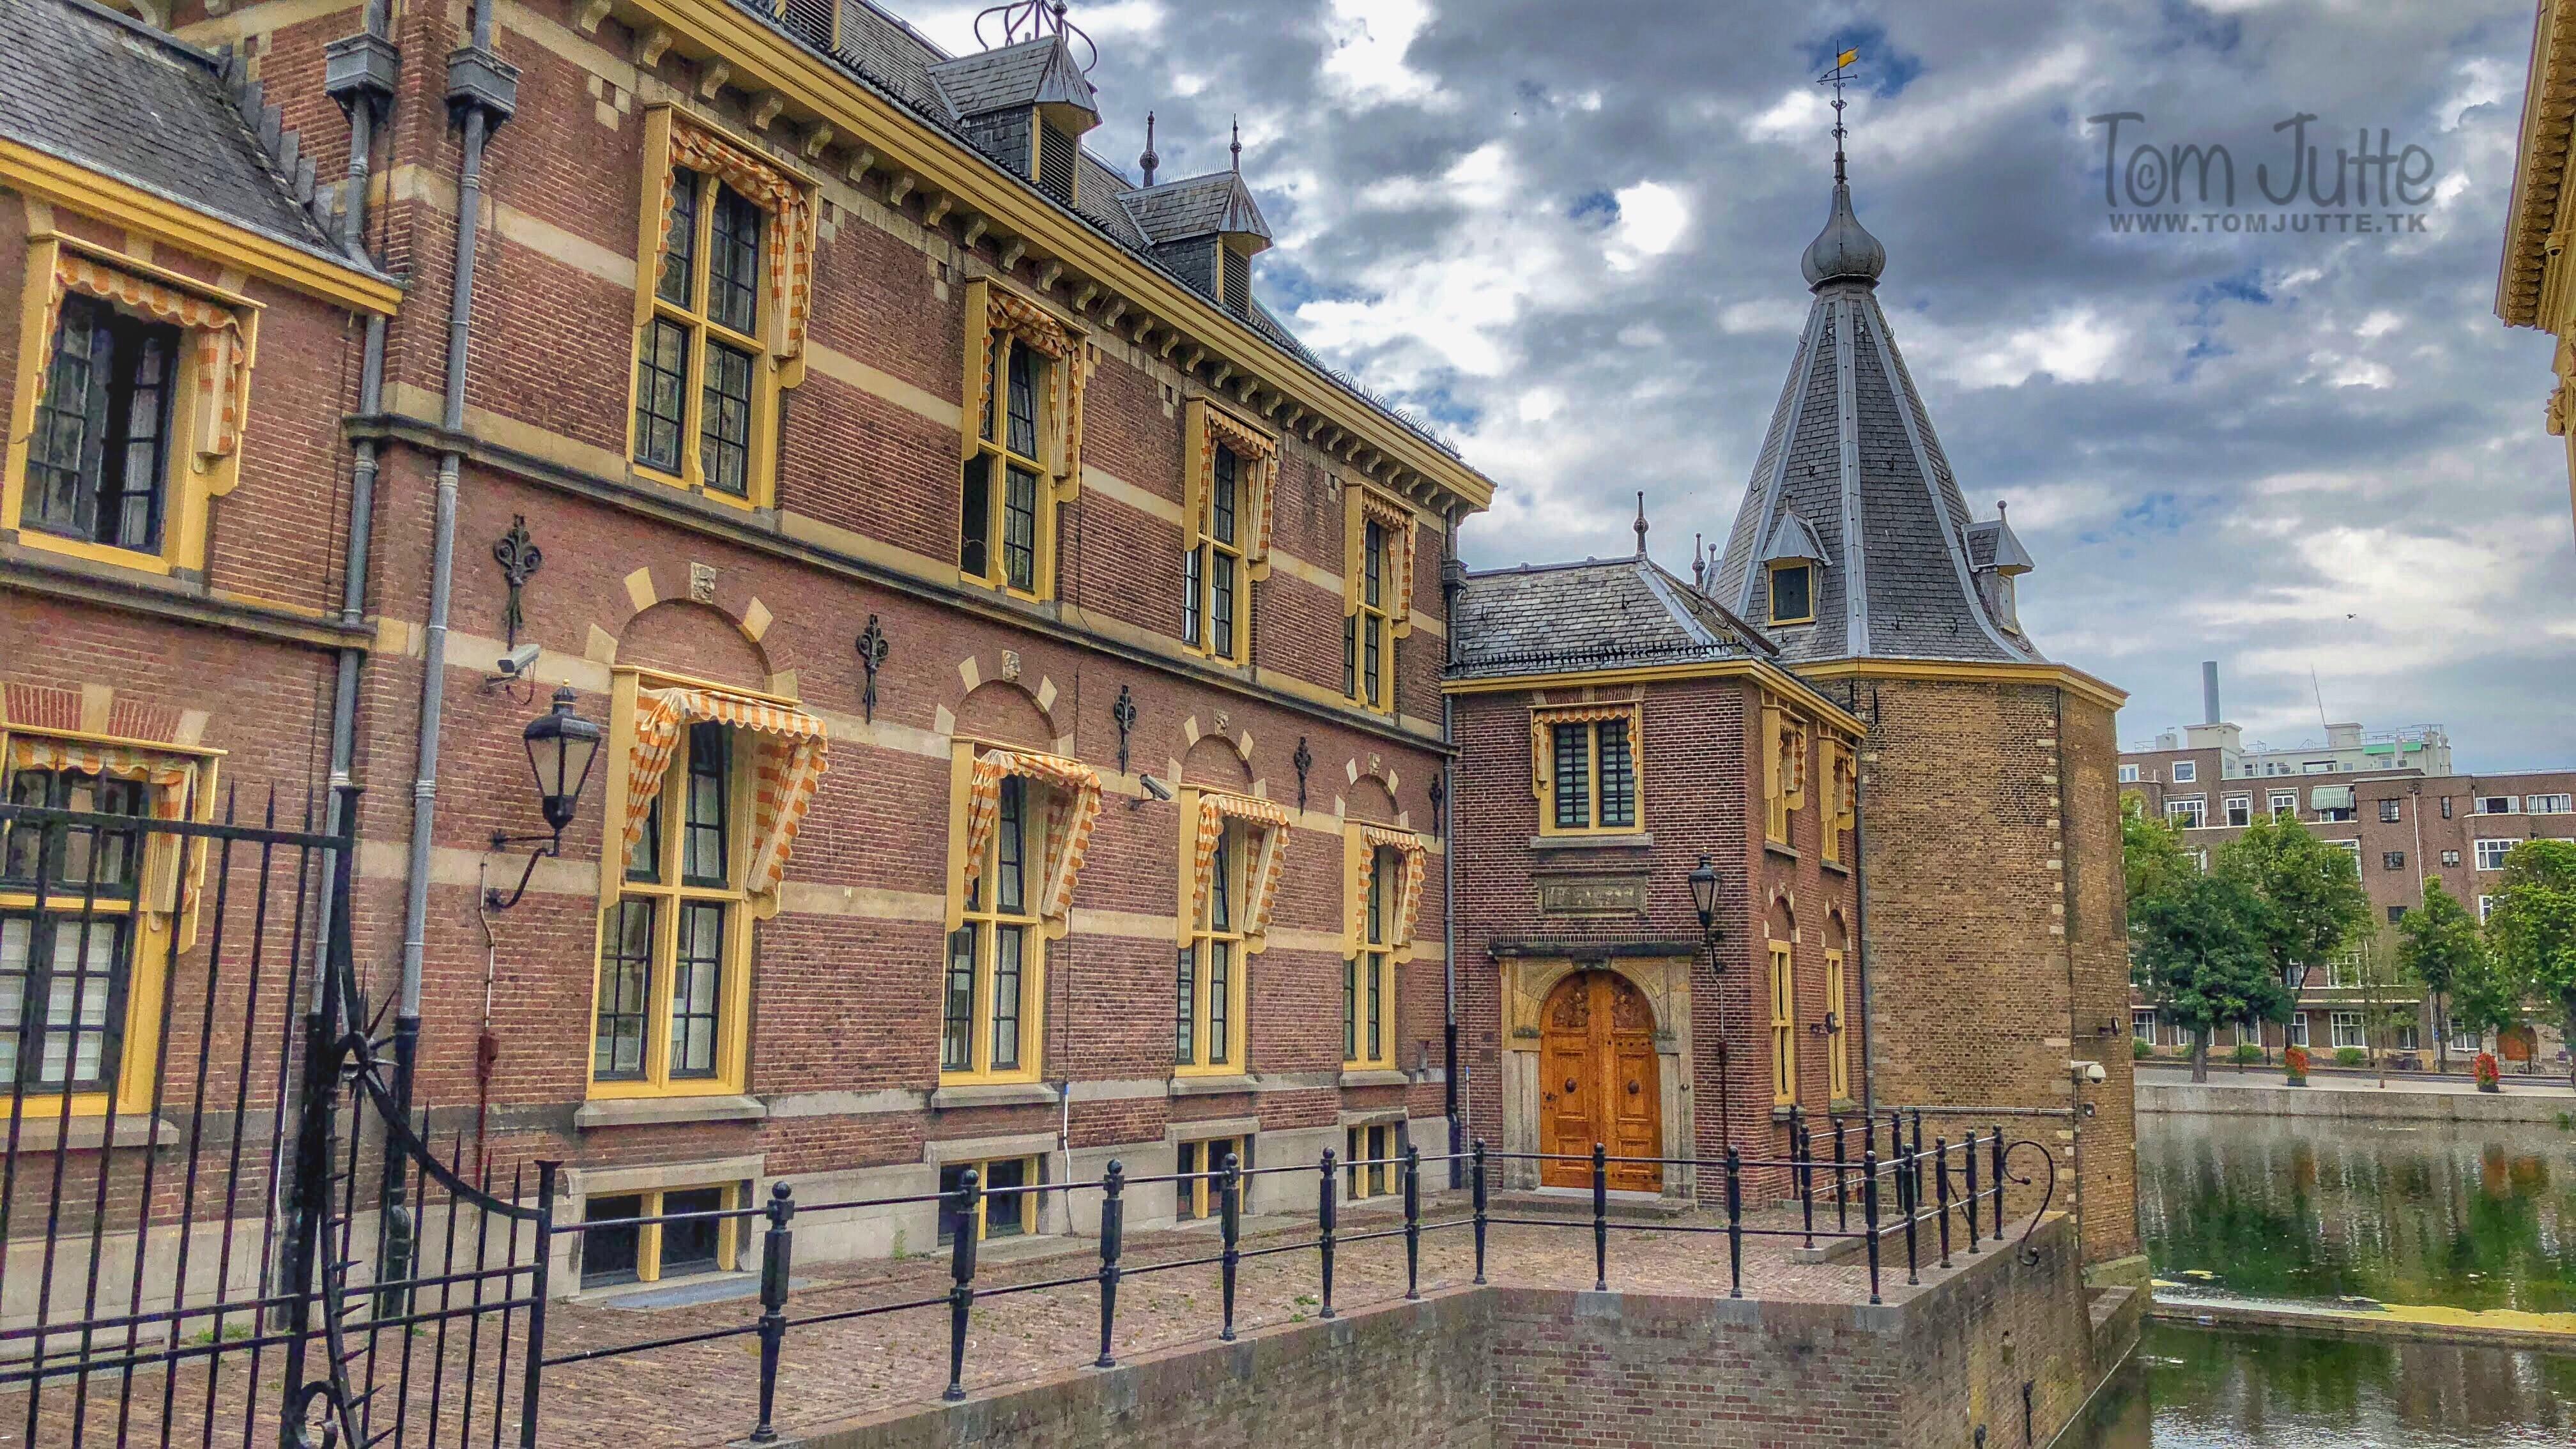 Torentje, Binnenhof, Den Haag, Netherlands - 1588 - Tom Jutte